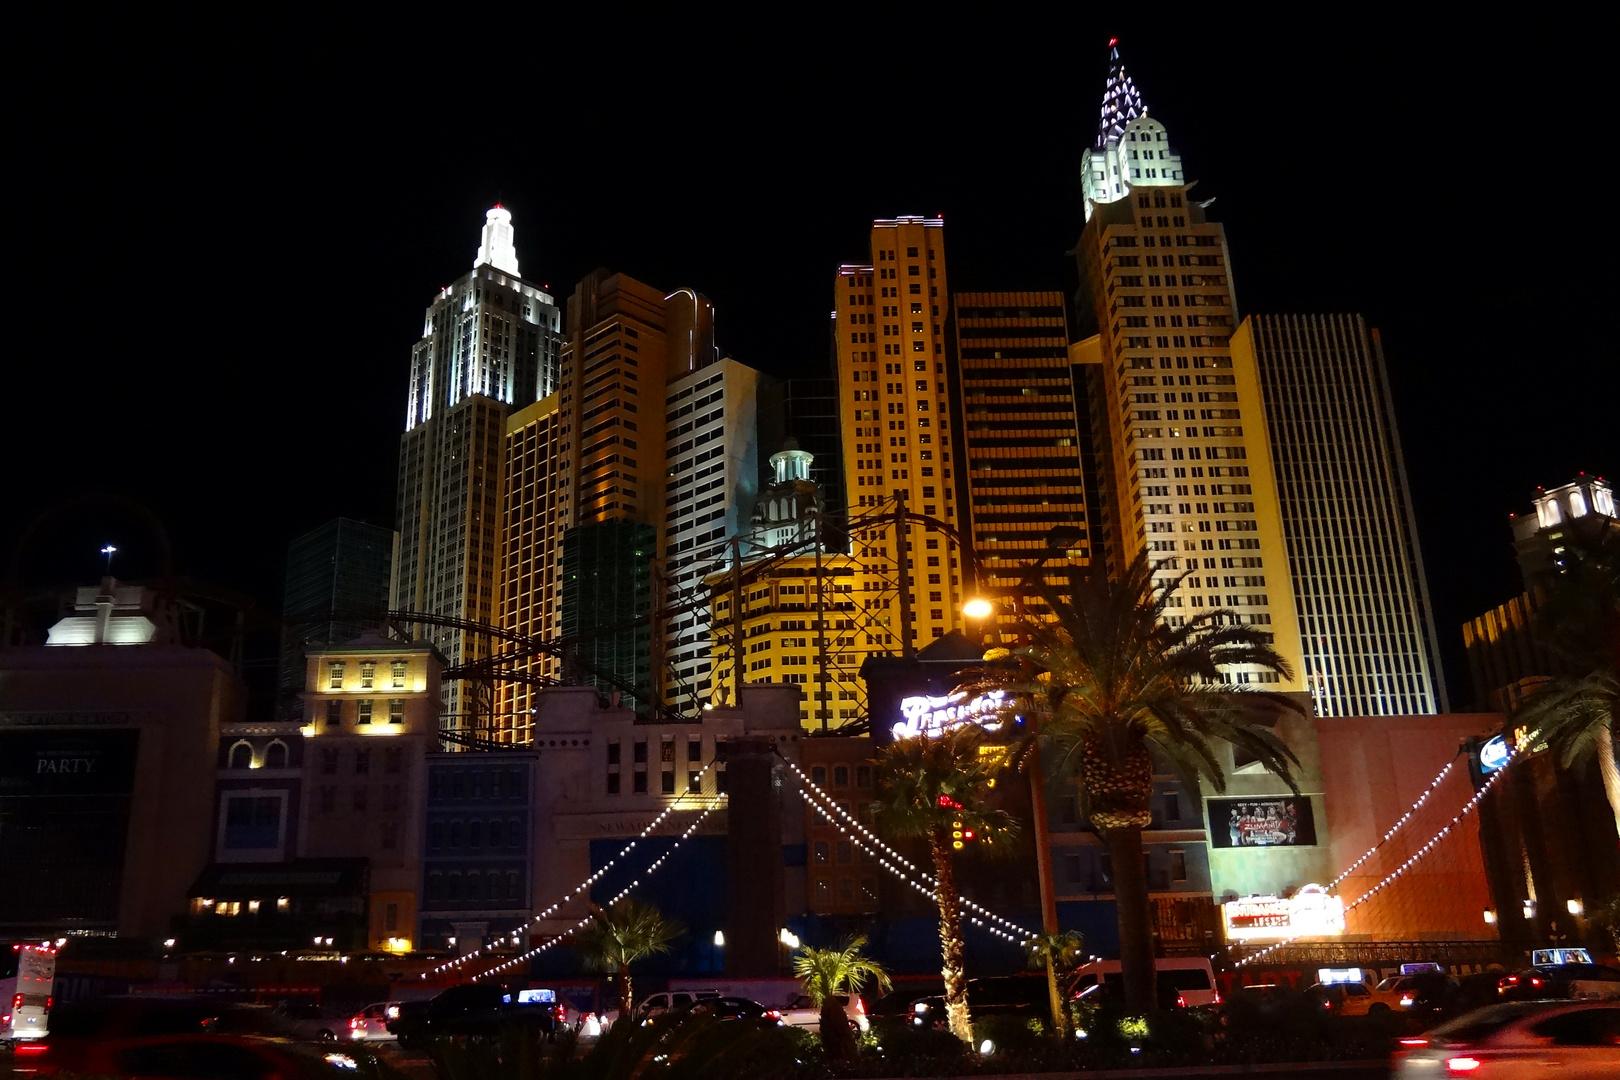 New York / New York by night